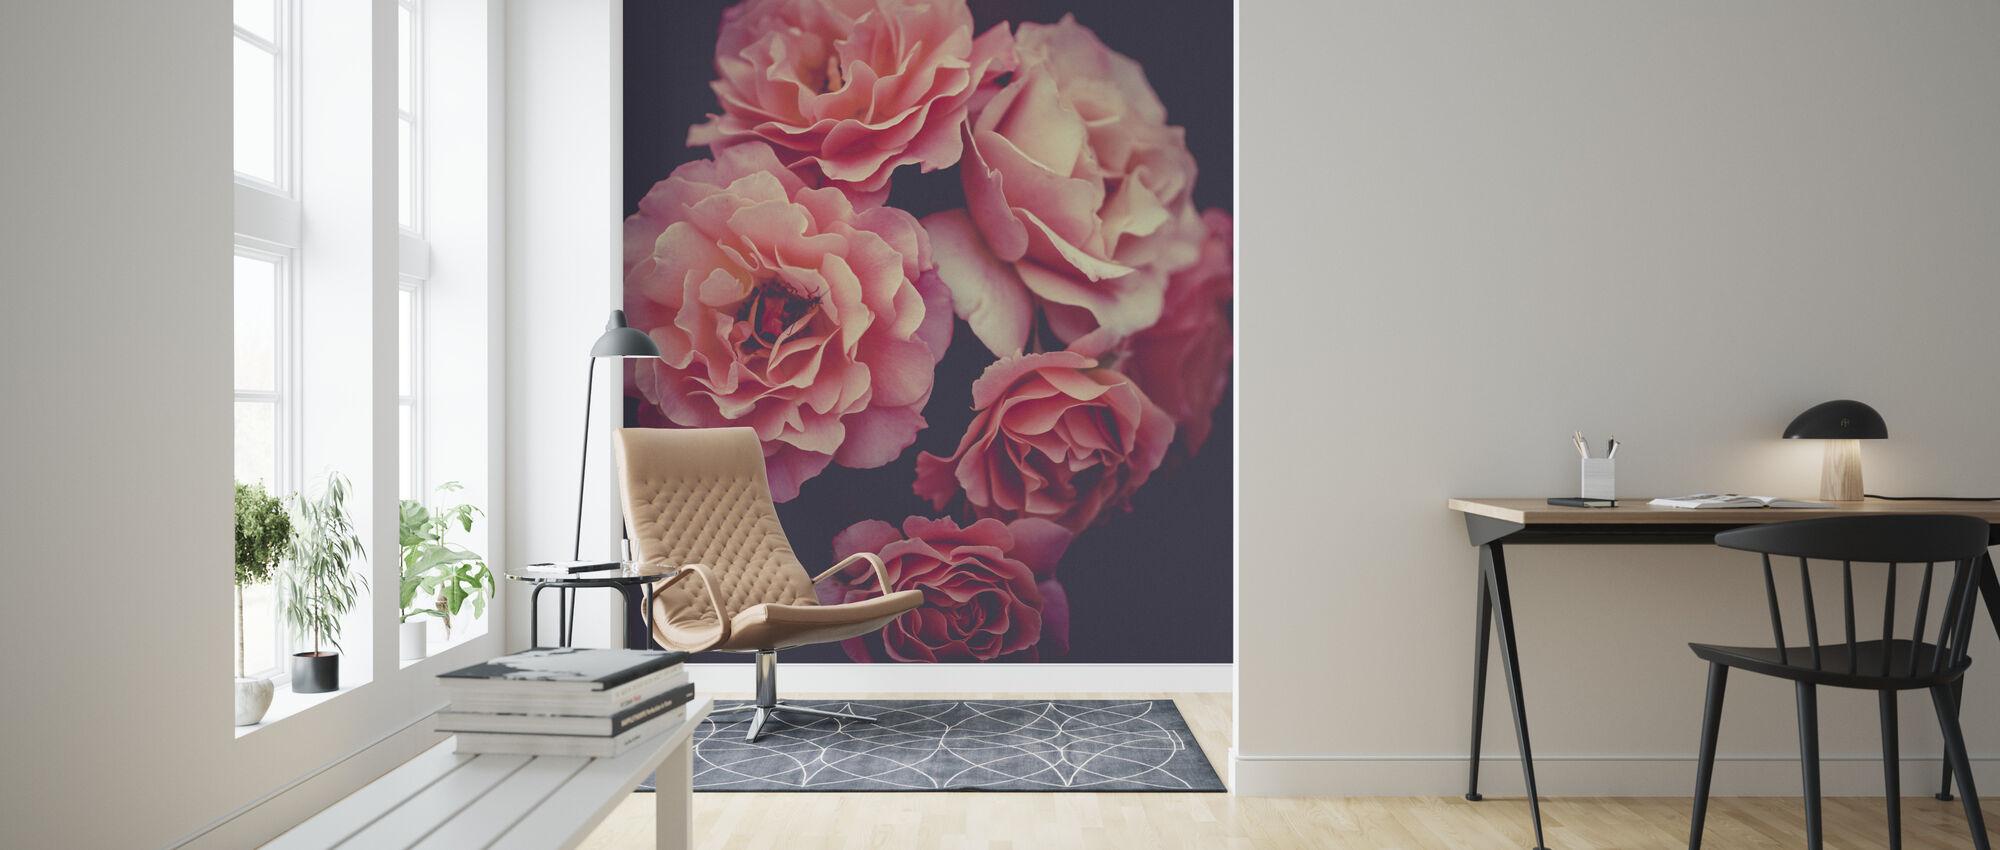 Rose bukett - Tapet - Stue